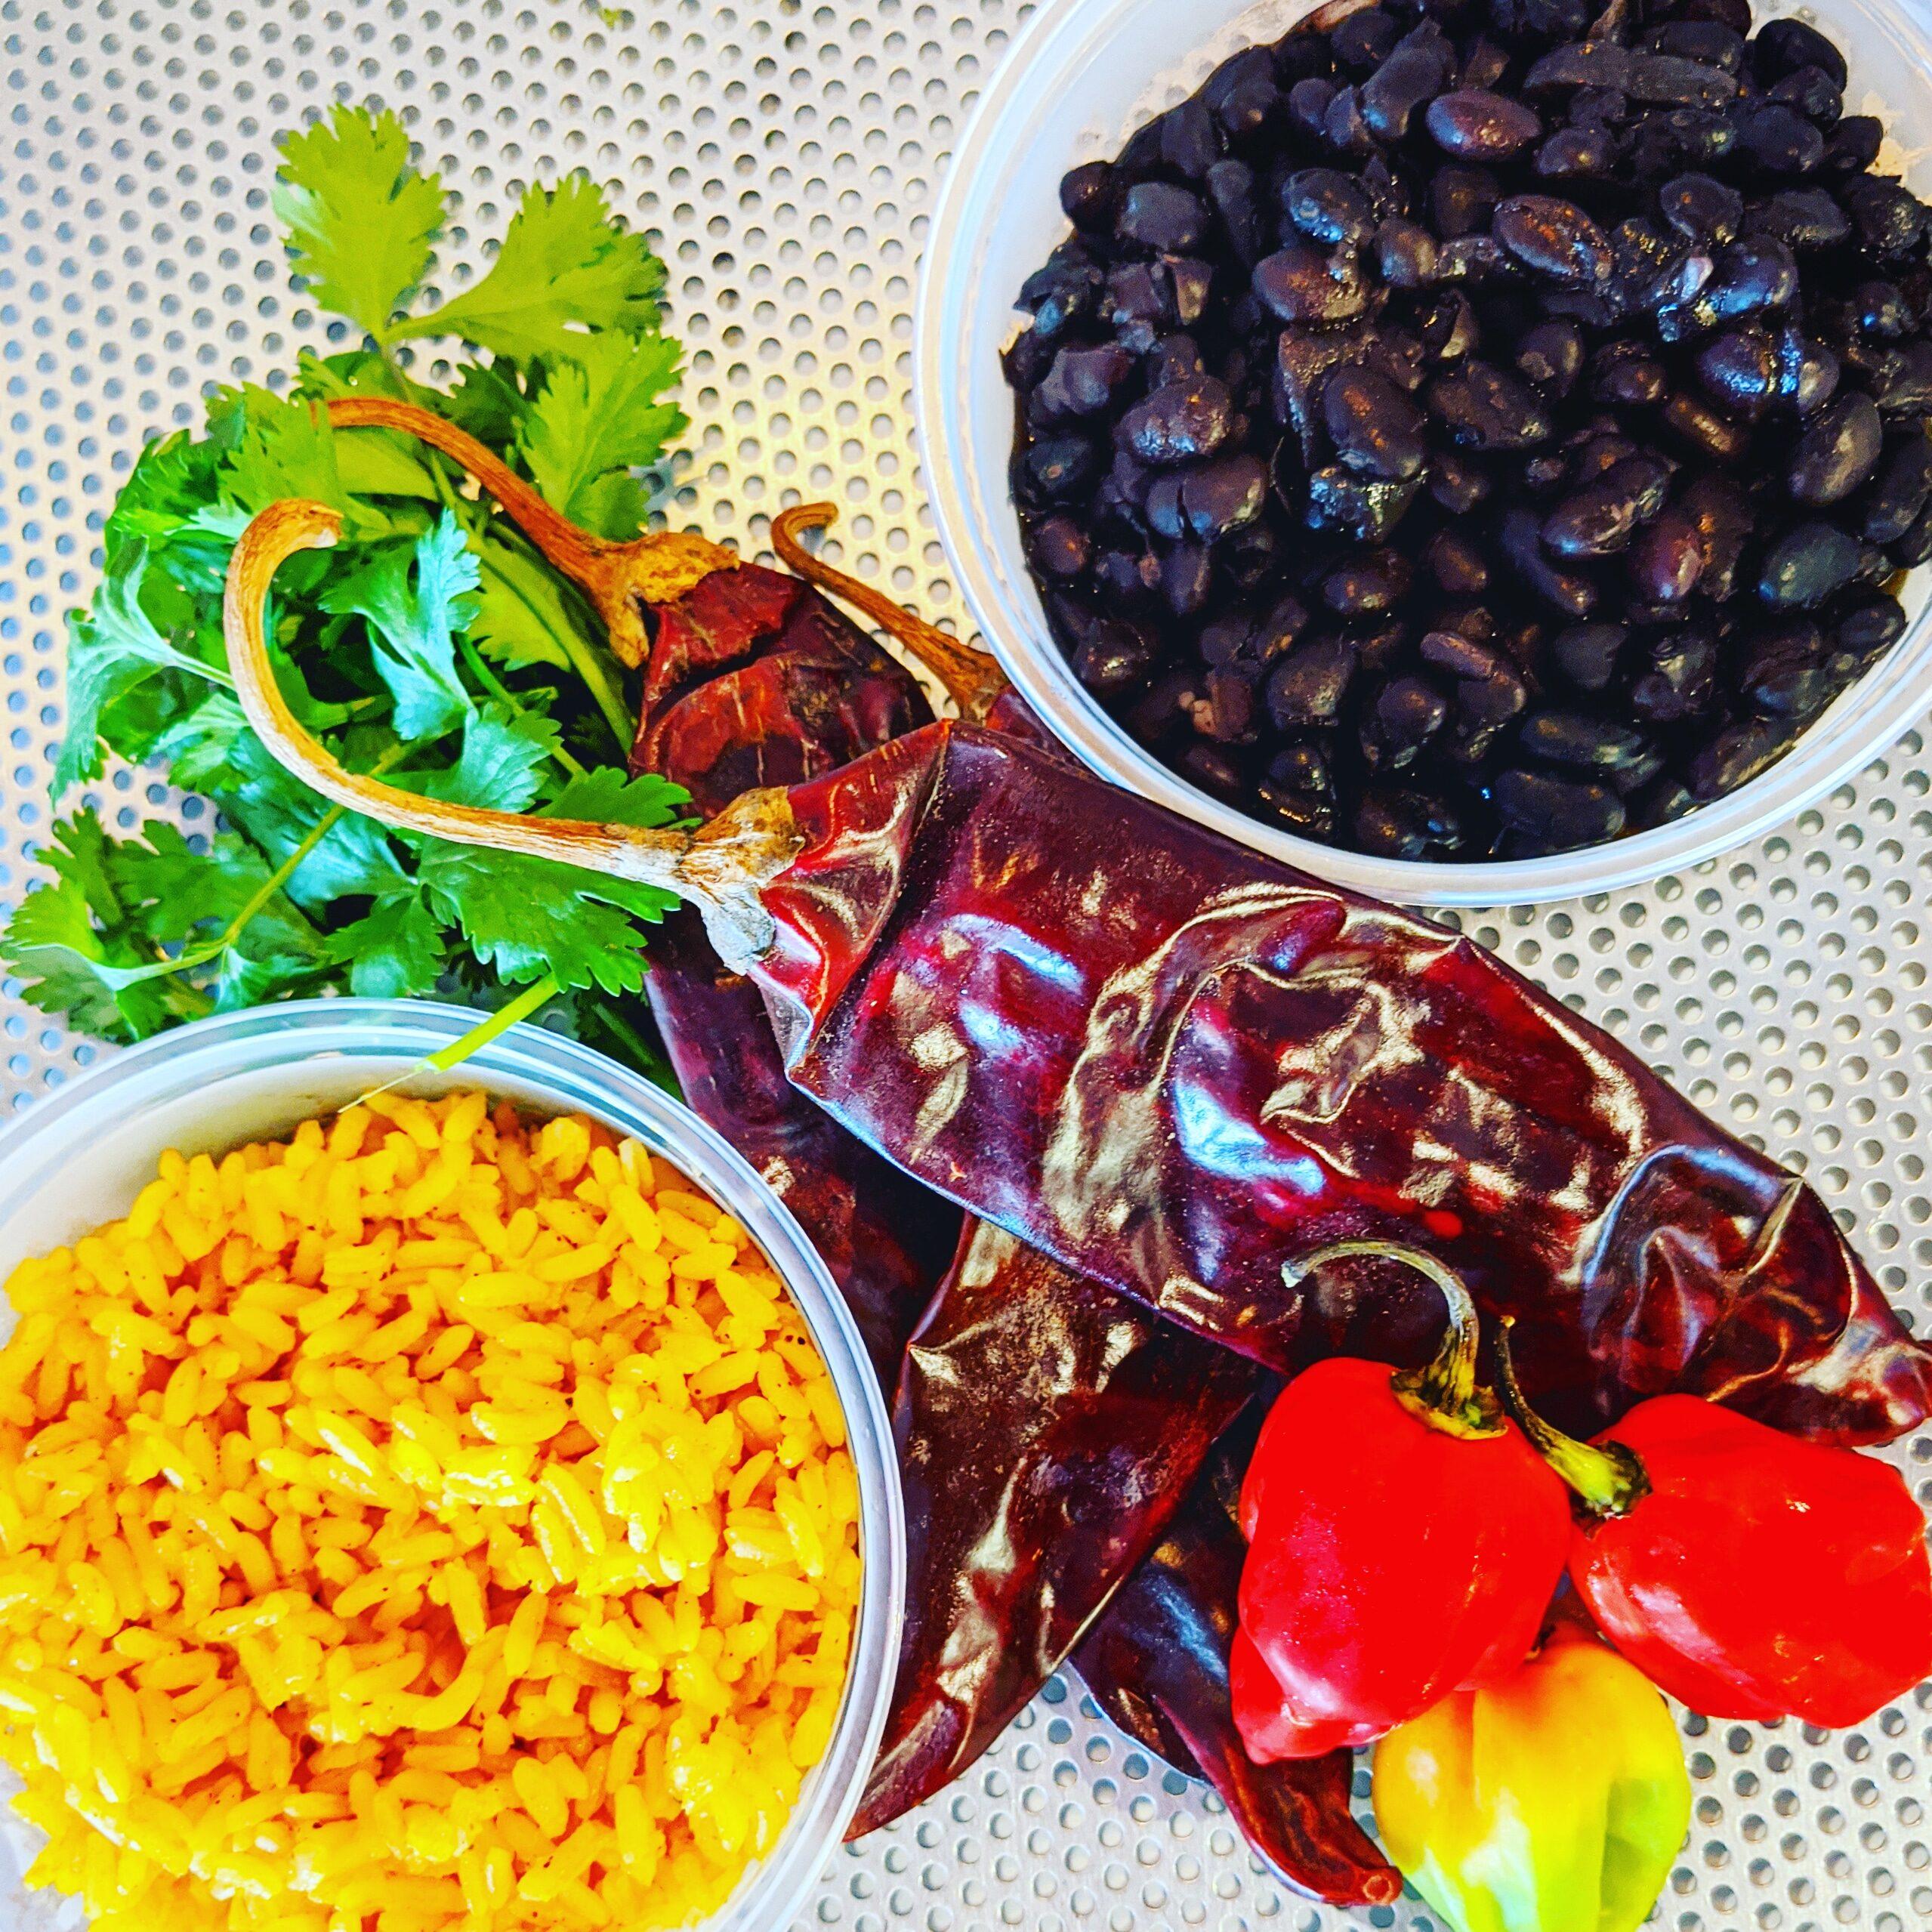 Screaming Goat Taqueria Rice & Beans